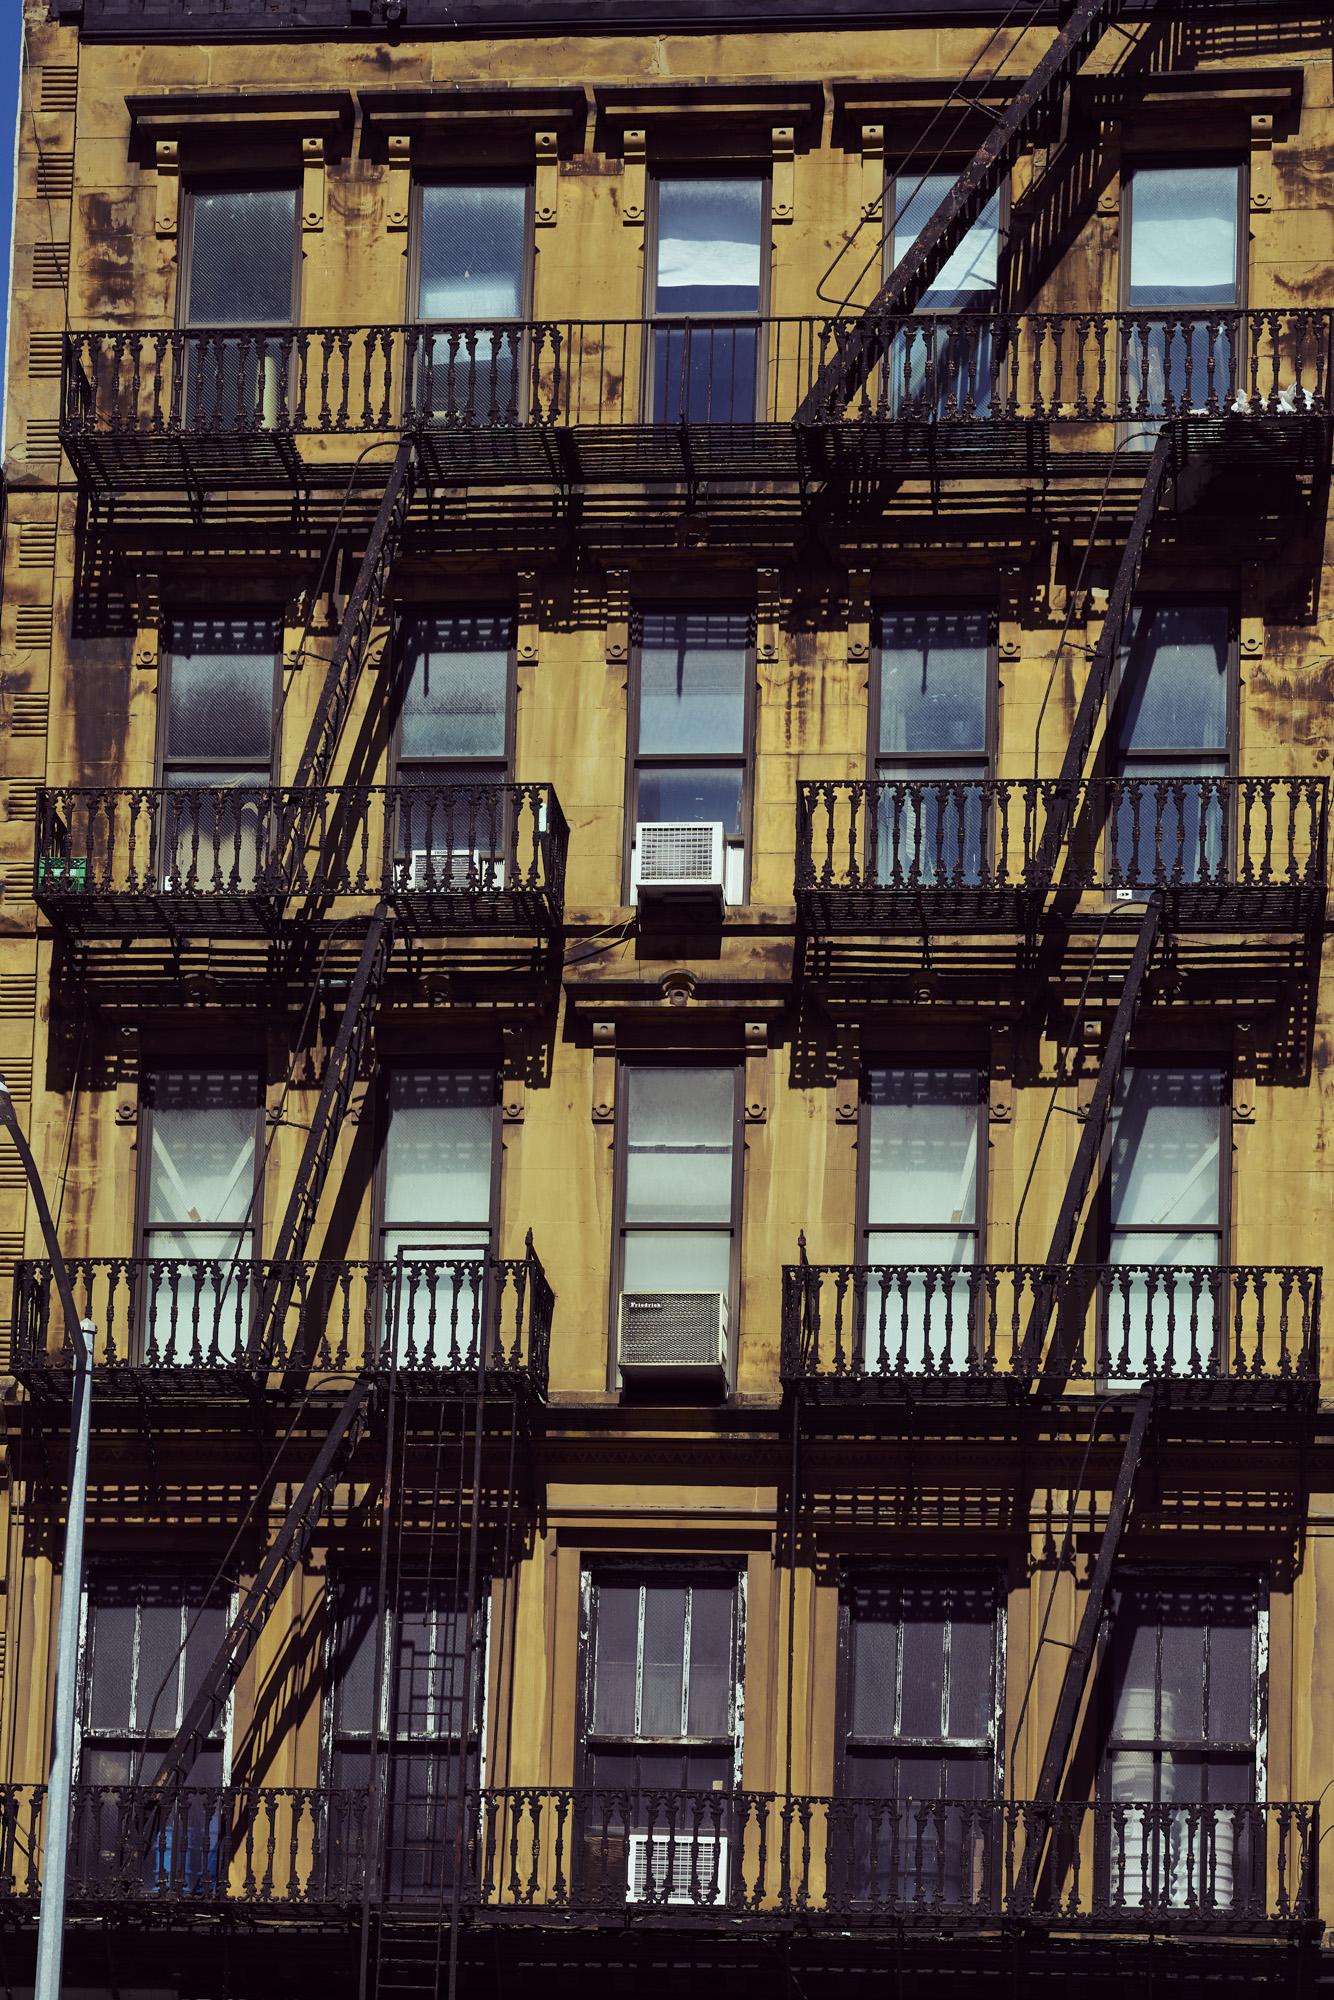 kyrani-kanavaros-new-york-photography-37.jpg